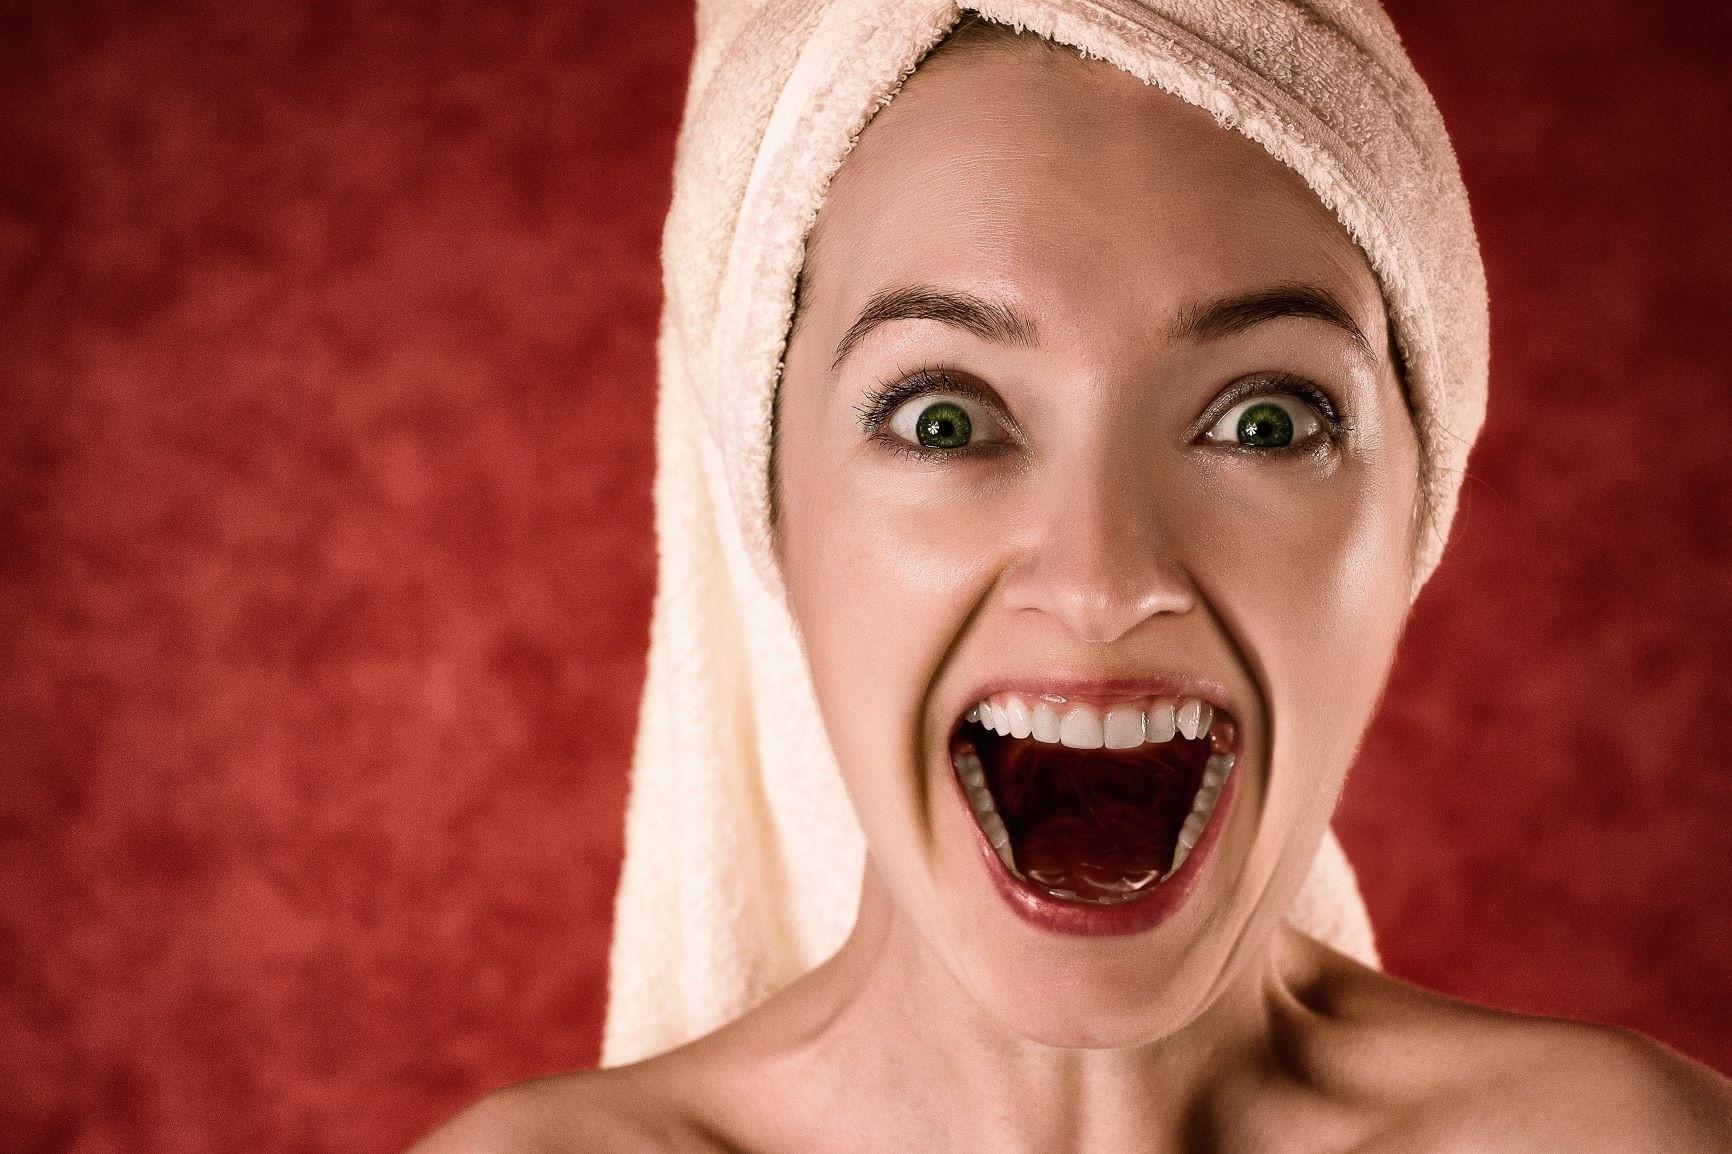 Управление гневом: 13 действенных способов быстро взять эмоции под контроль